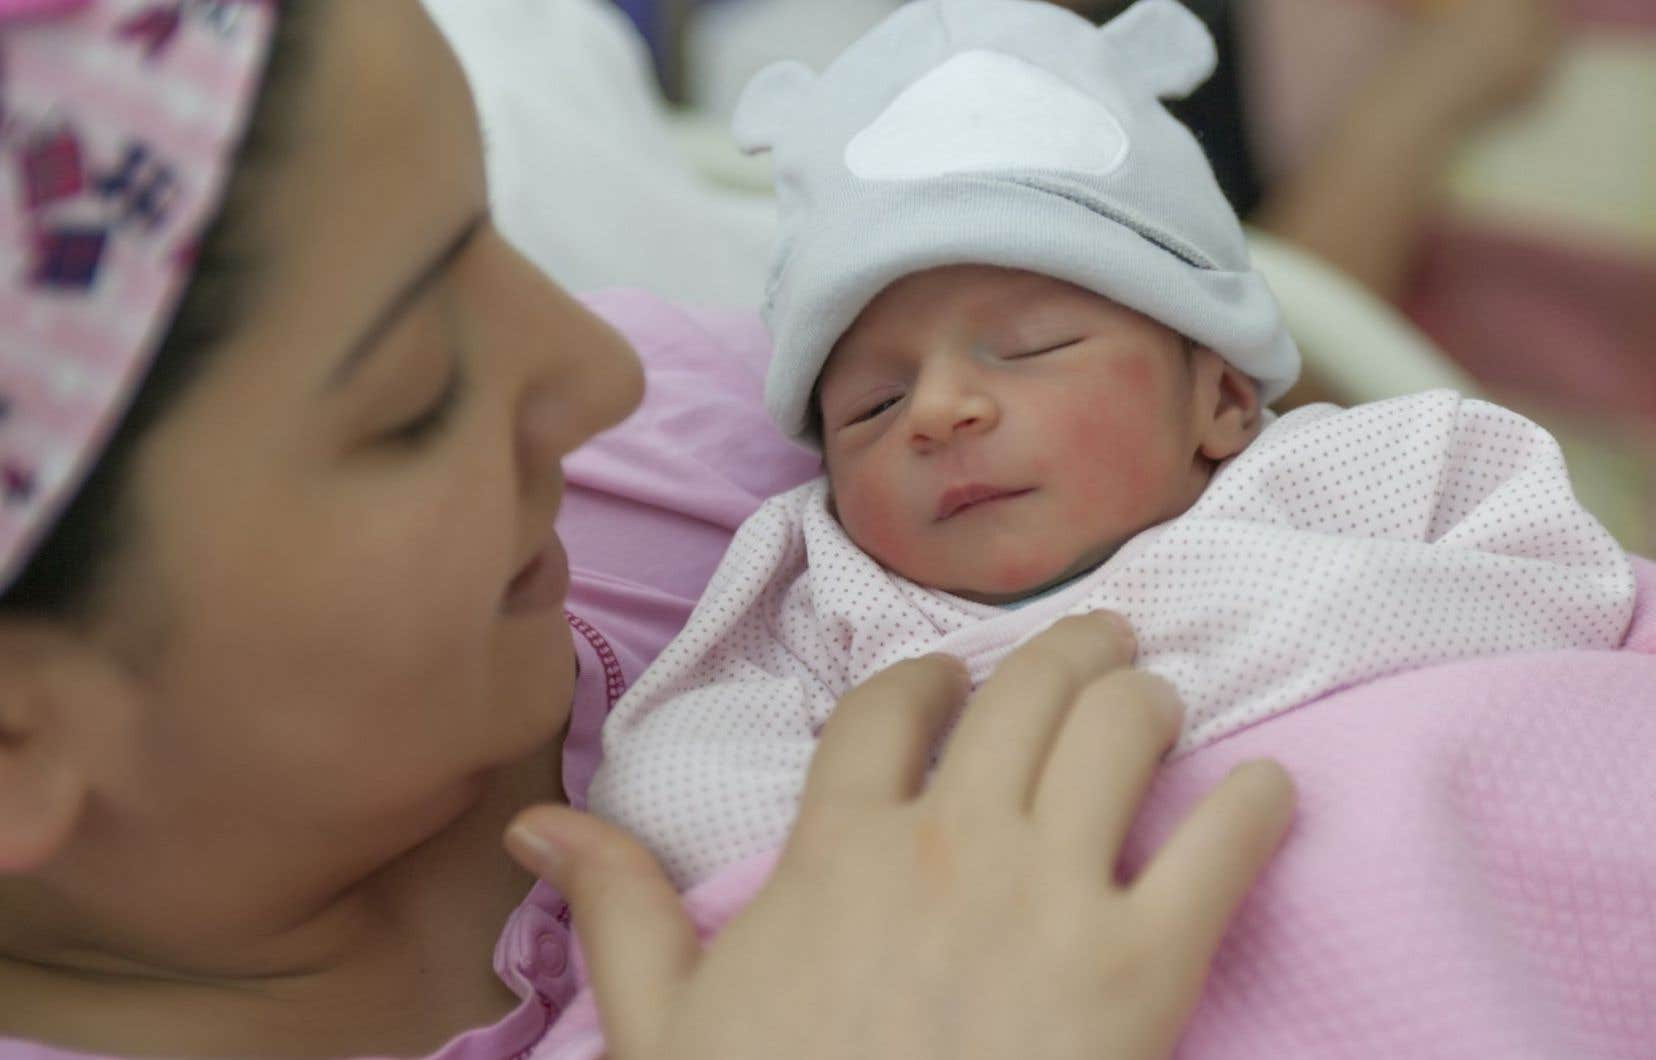 Après vérification, on a observé que 9 des 10 provinces canadiennes offrent effectivement un congé parental aux médecins. Ce congé est de 17 semaines, sauf en Saskatchewan où il est de 20 semaines.